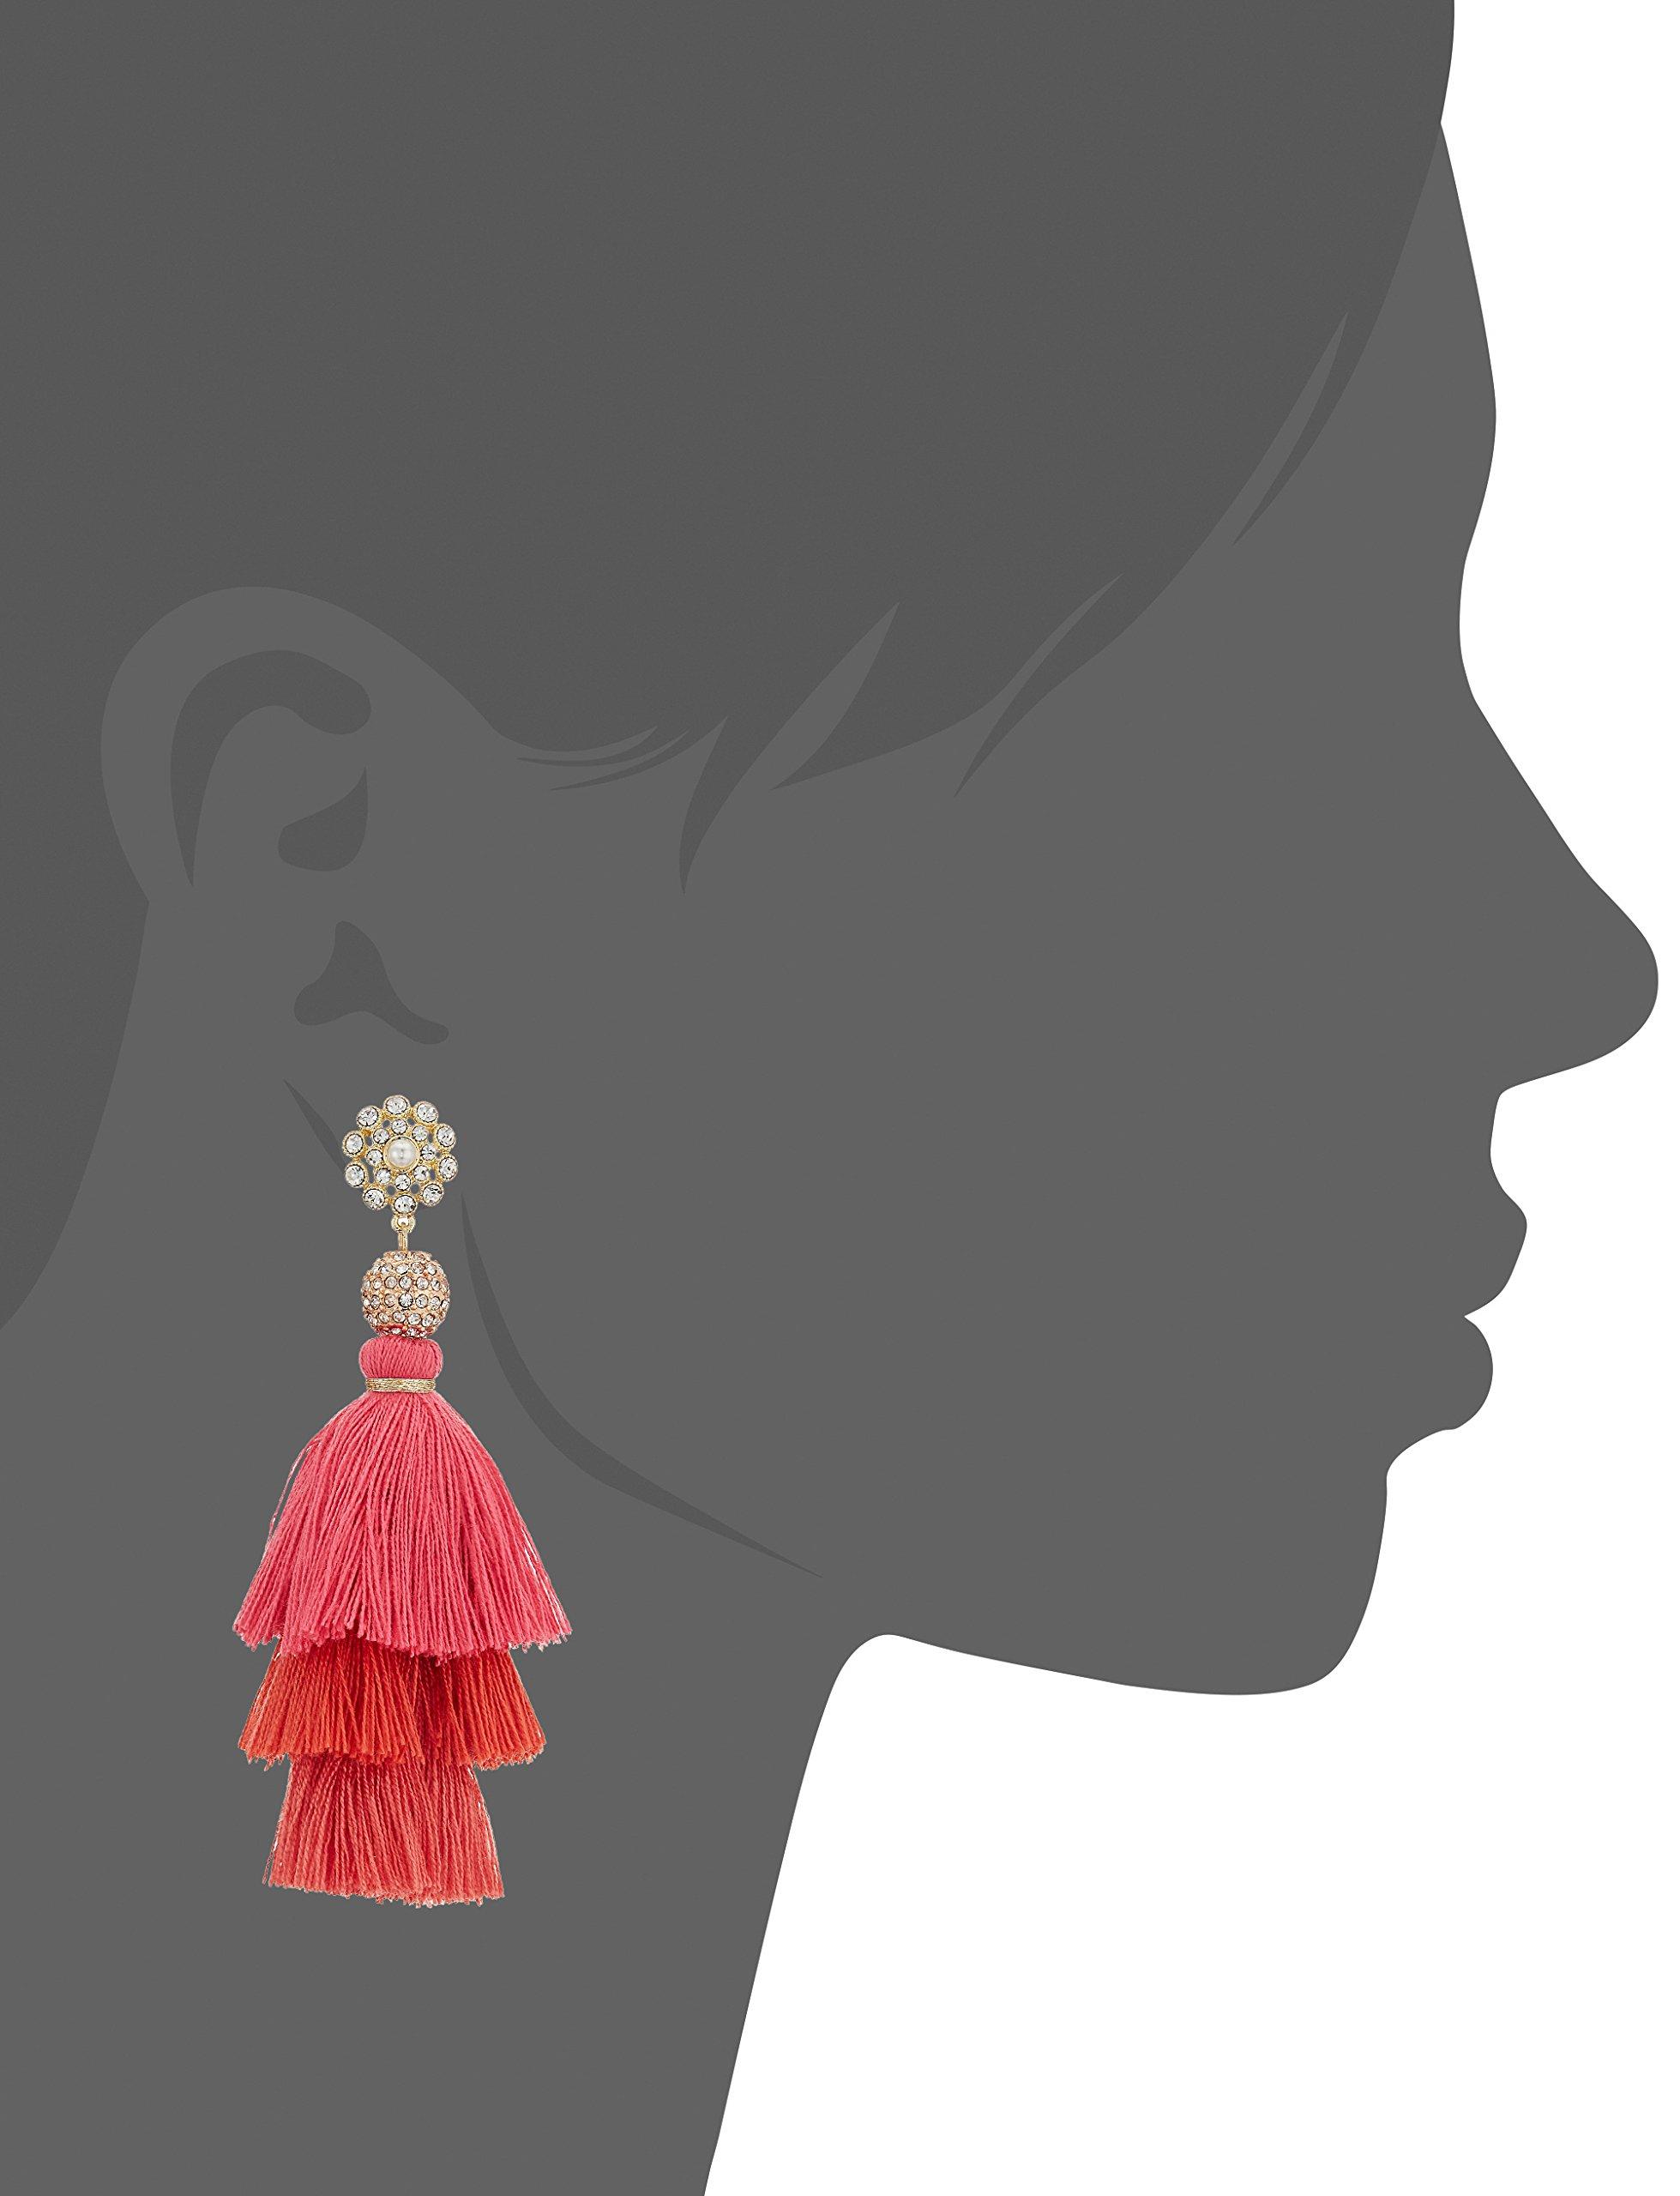 Badgley Mischka Womens Pink Ombre Triple Tassel Drop Earrings, Gold Tone, One Size by Badgley Mischka (Image #2)